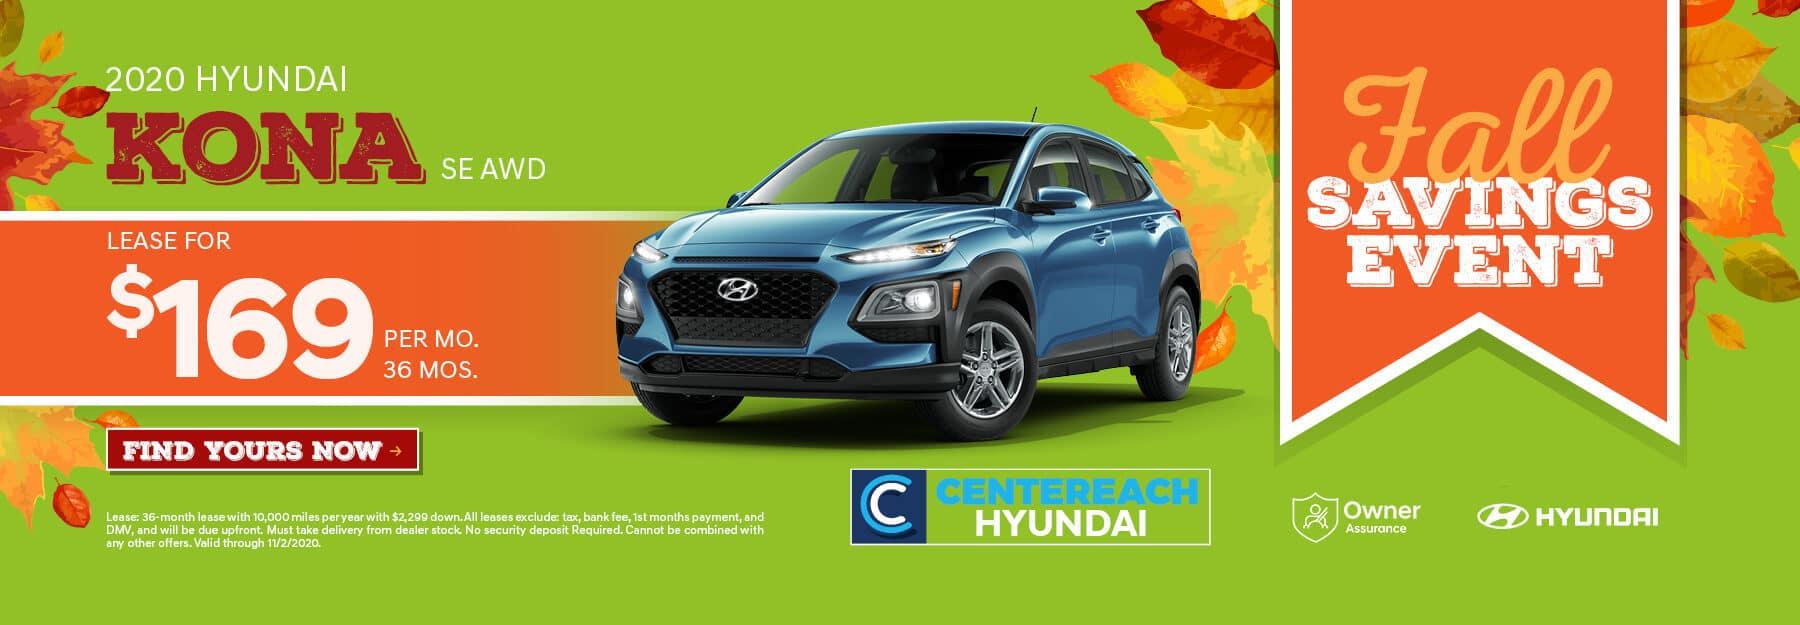 2020.10.08 Centereach Hyundai OCT Offer Banners_S49005mr-as4